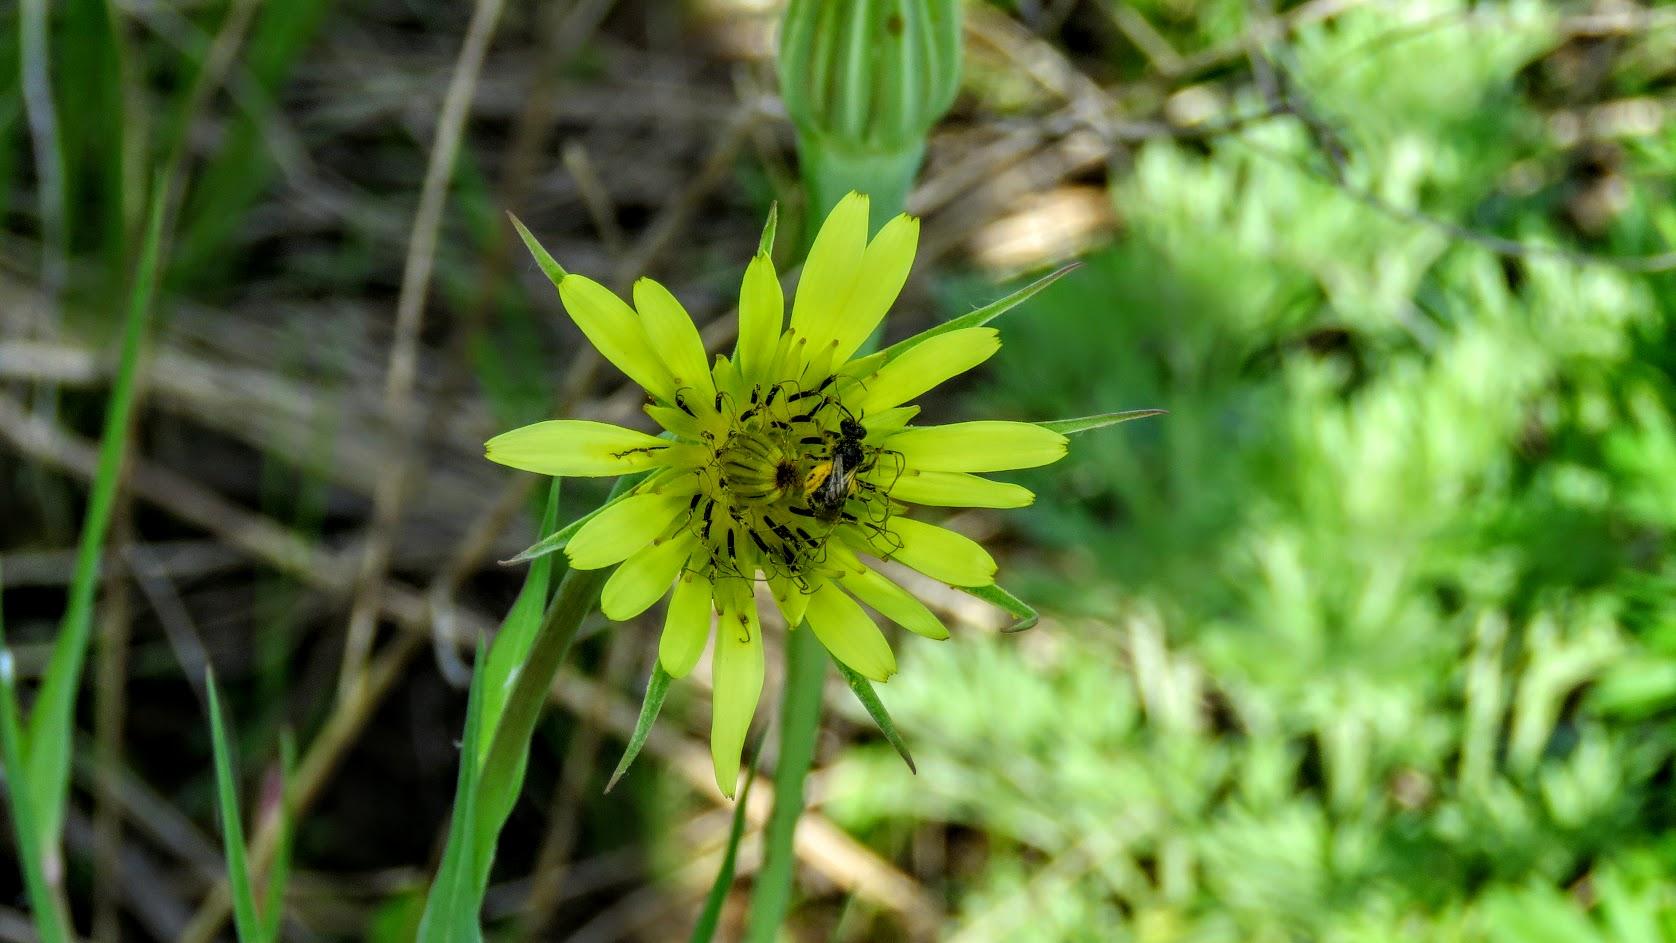 Цветики, птички, маслята и сосновые шишки. Мои припасы на зиму) IMG_6600.jpg